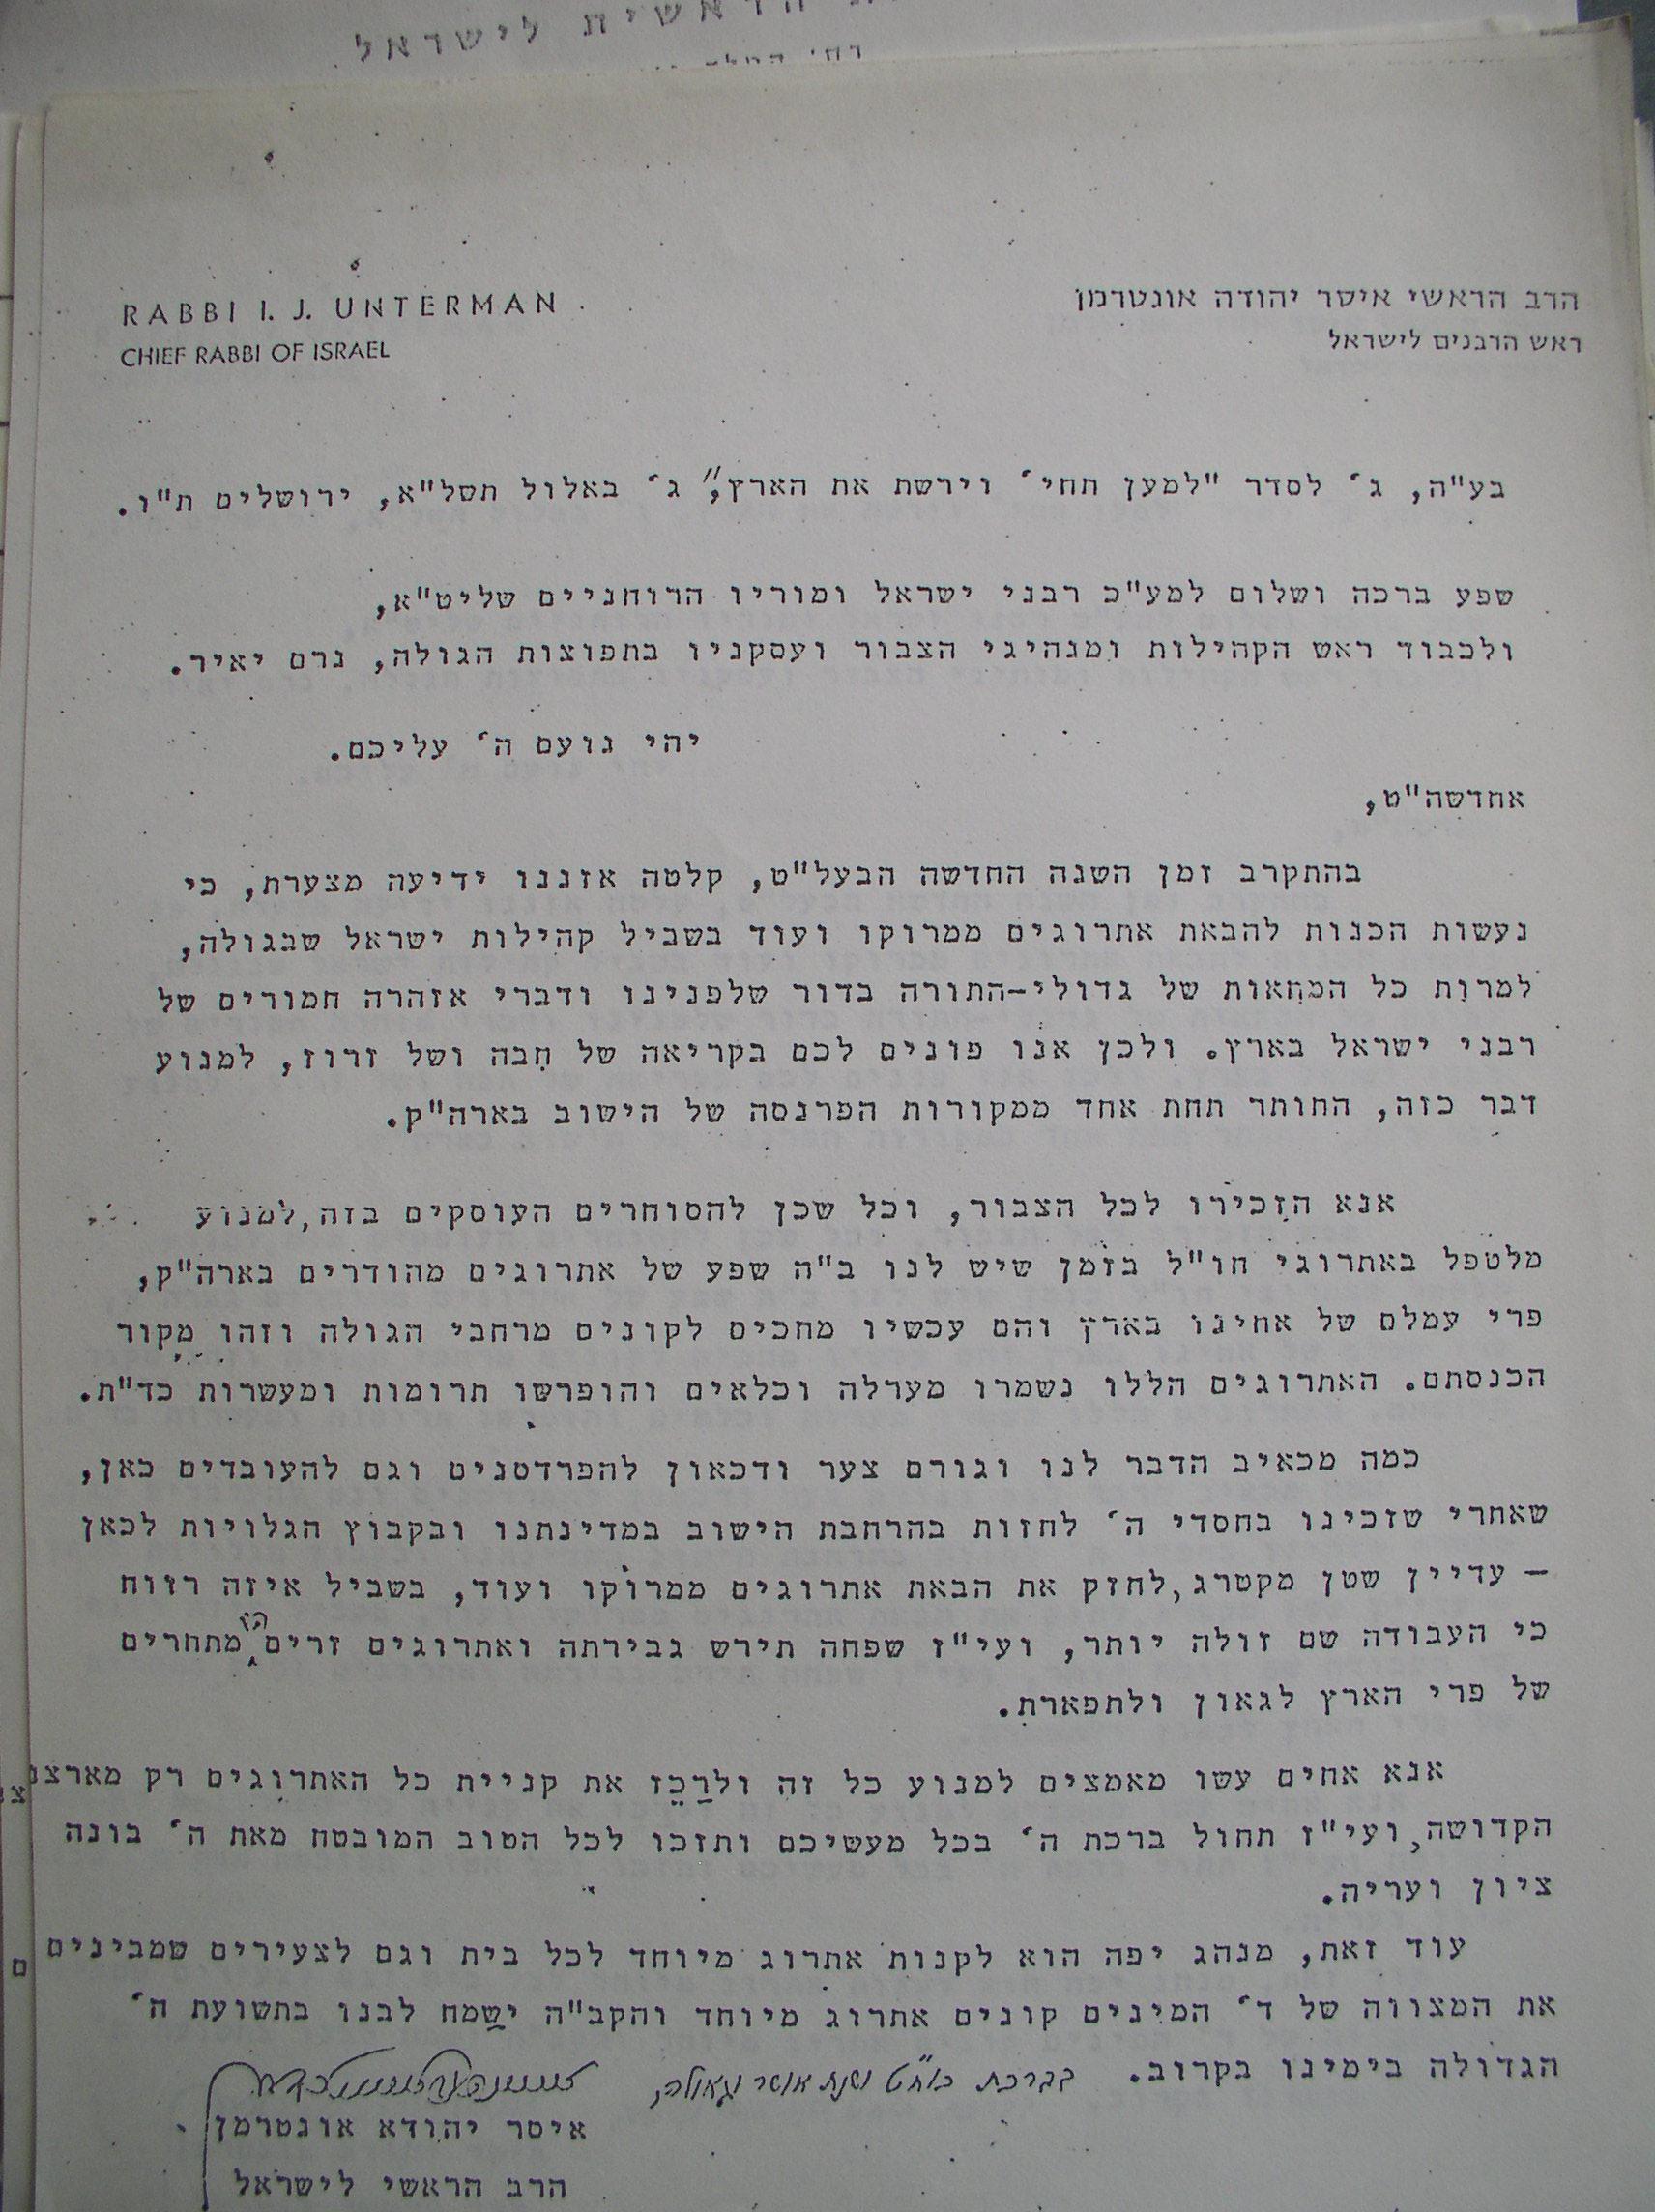 מכתב מרב אונטרמן לגולה להעדיף אתרוגי ארץ ישראל מאתרוגי מורוקו